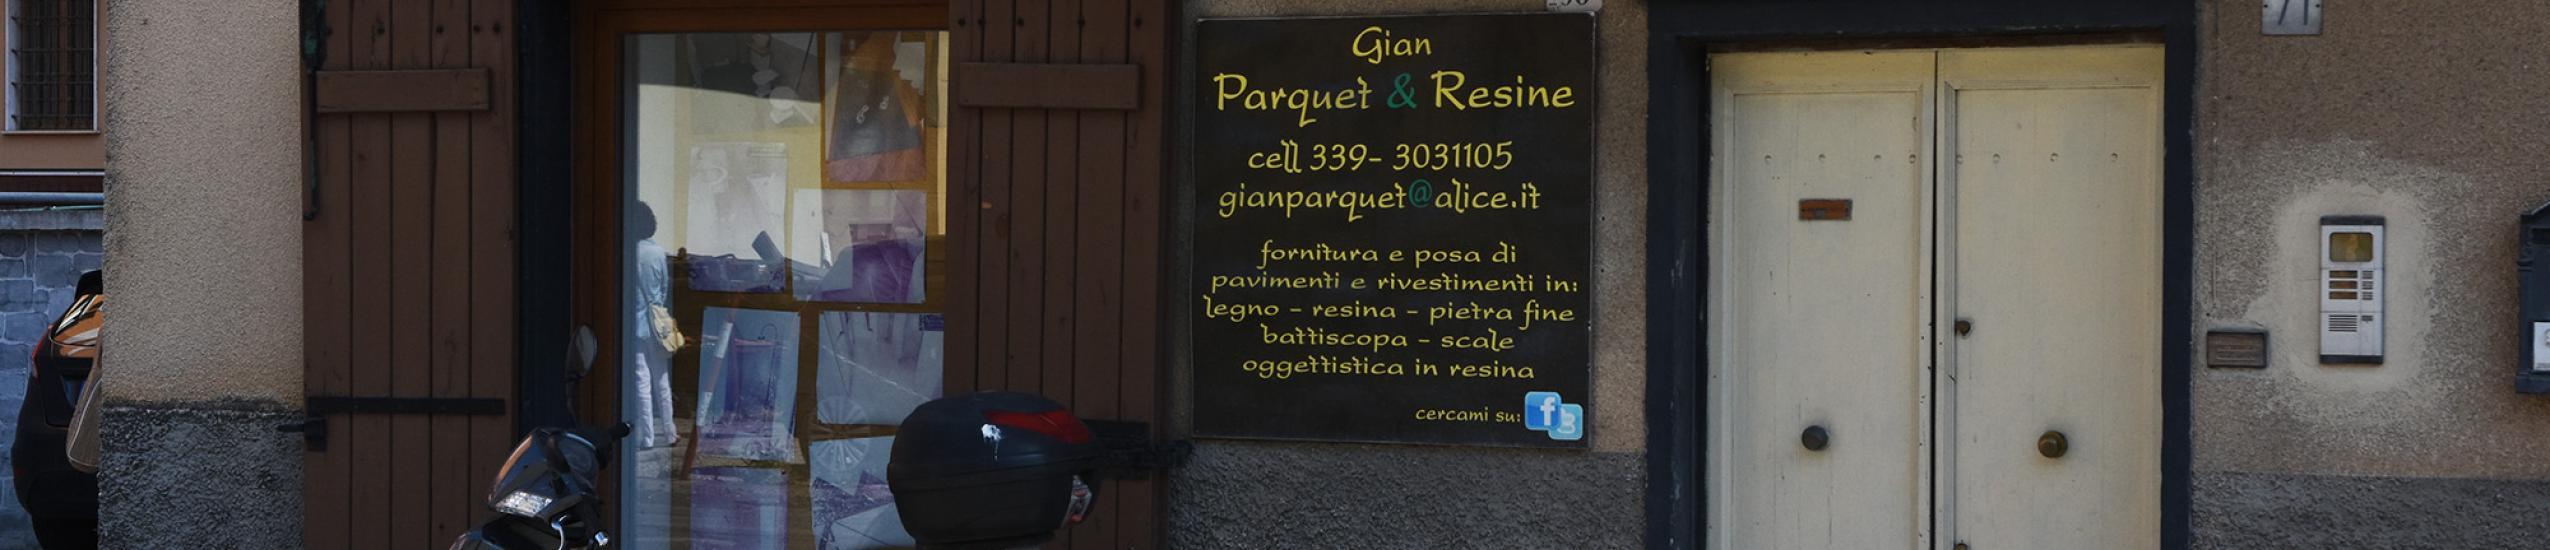 Gian Parquet